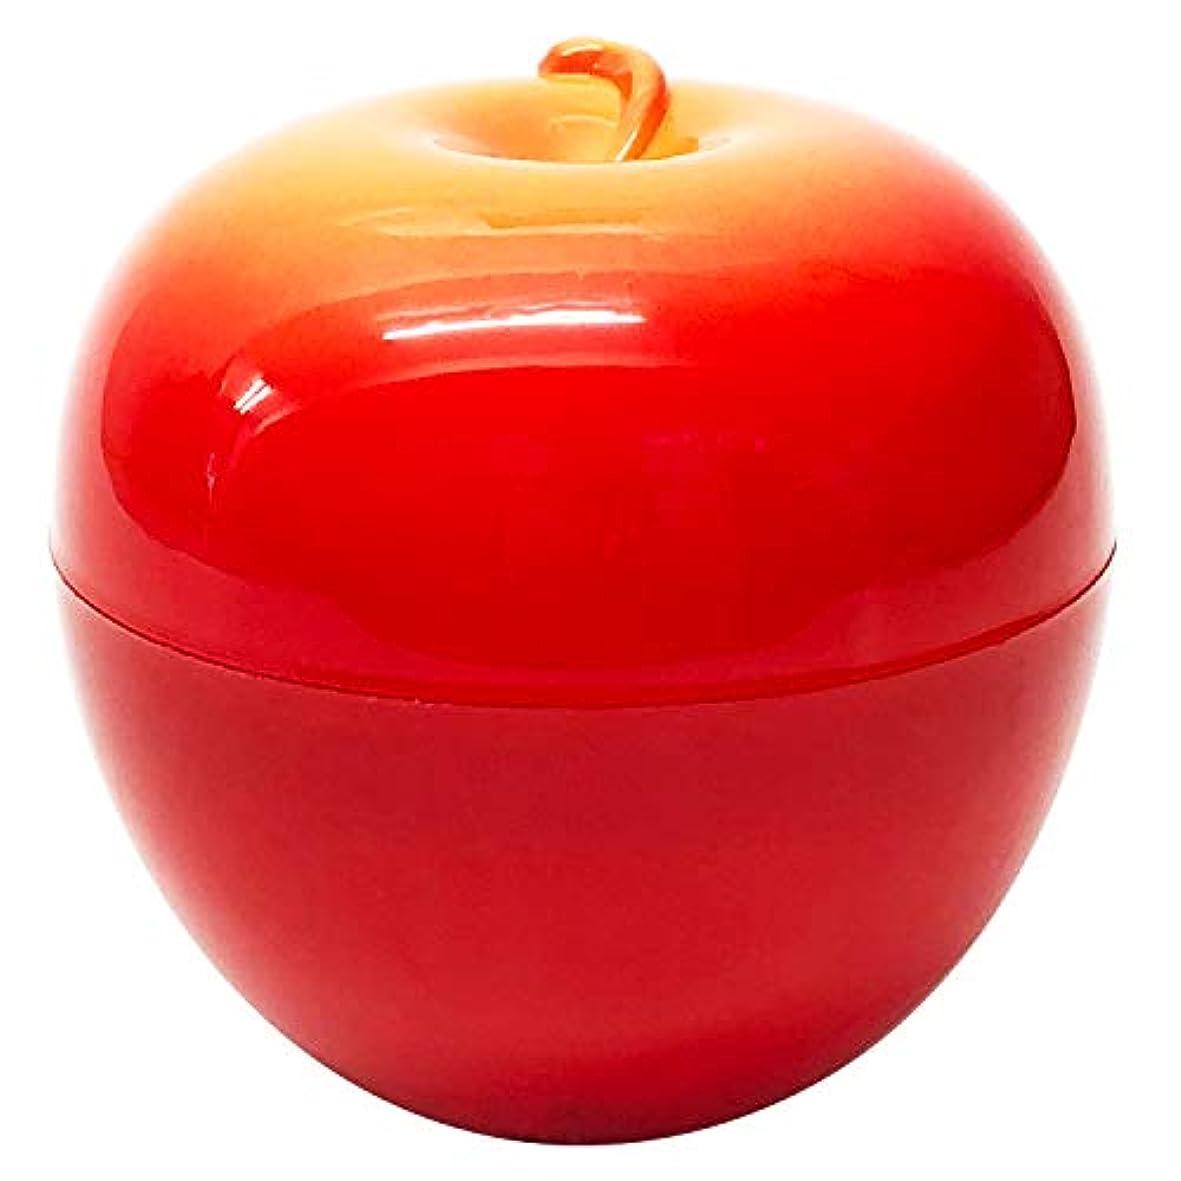 振幅しみ縞模様のTokyoFruits TOKYOフルーツハンドクリームリンゴ2個セット 30g